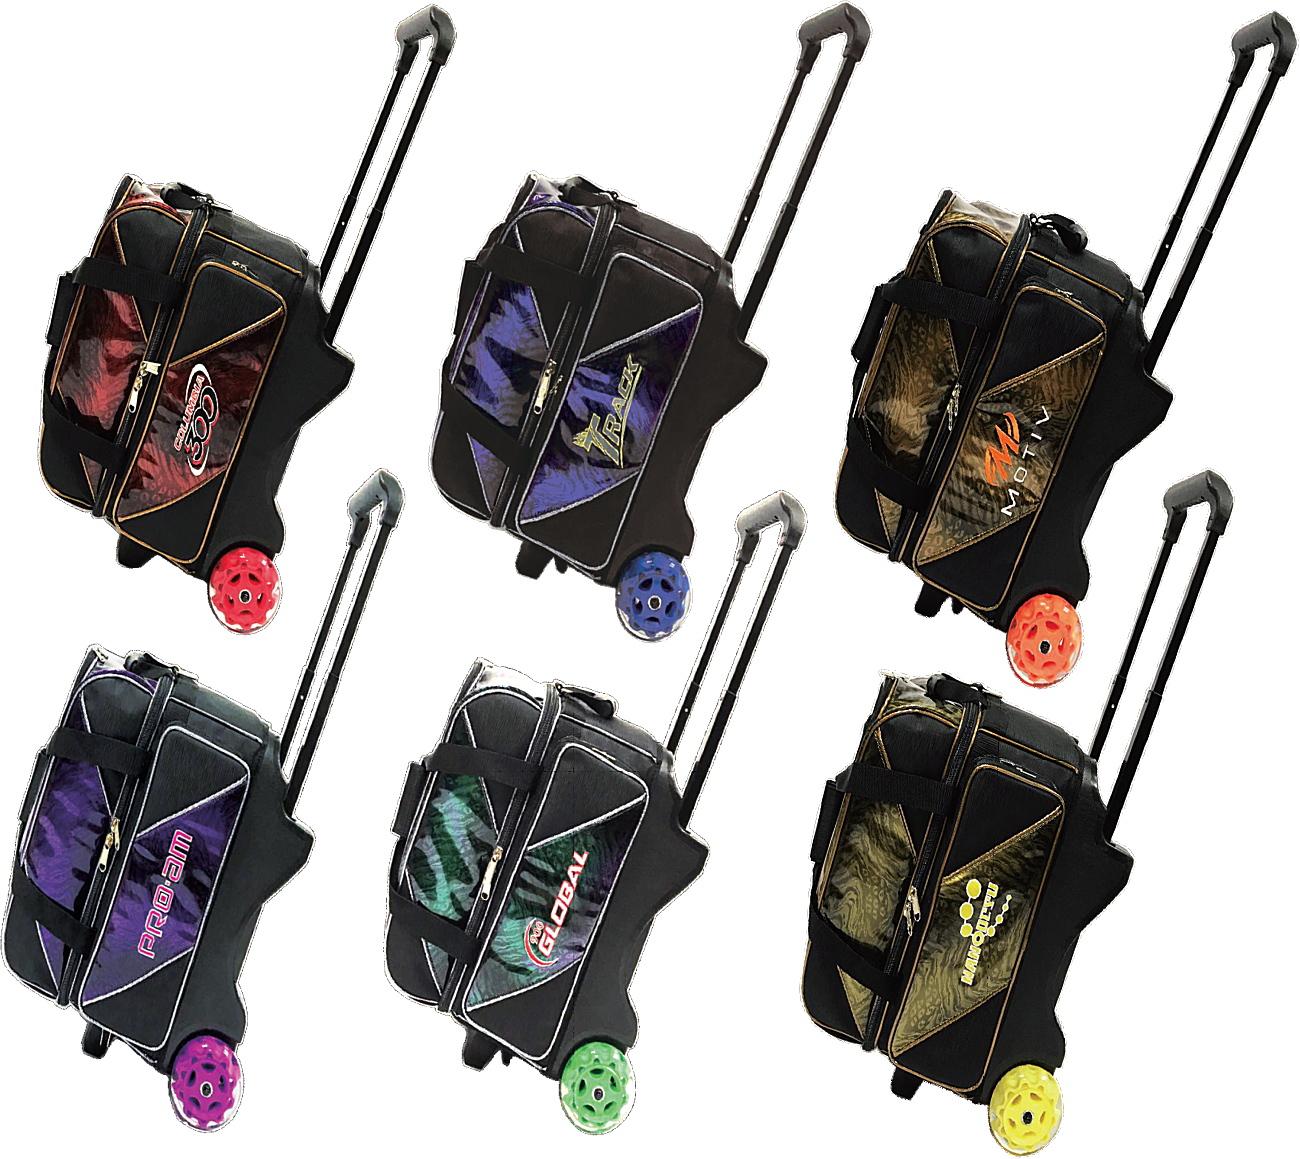 【ABS 限定】 BB-1800 2ボールショートサイズカートバッグ (ブランドバッグ)